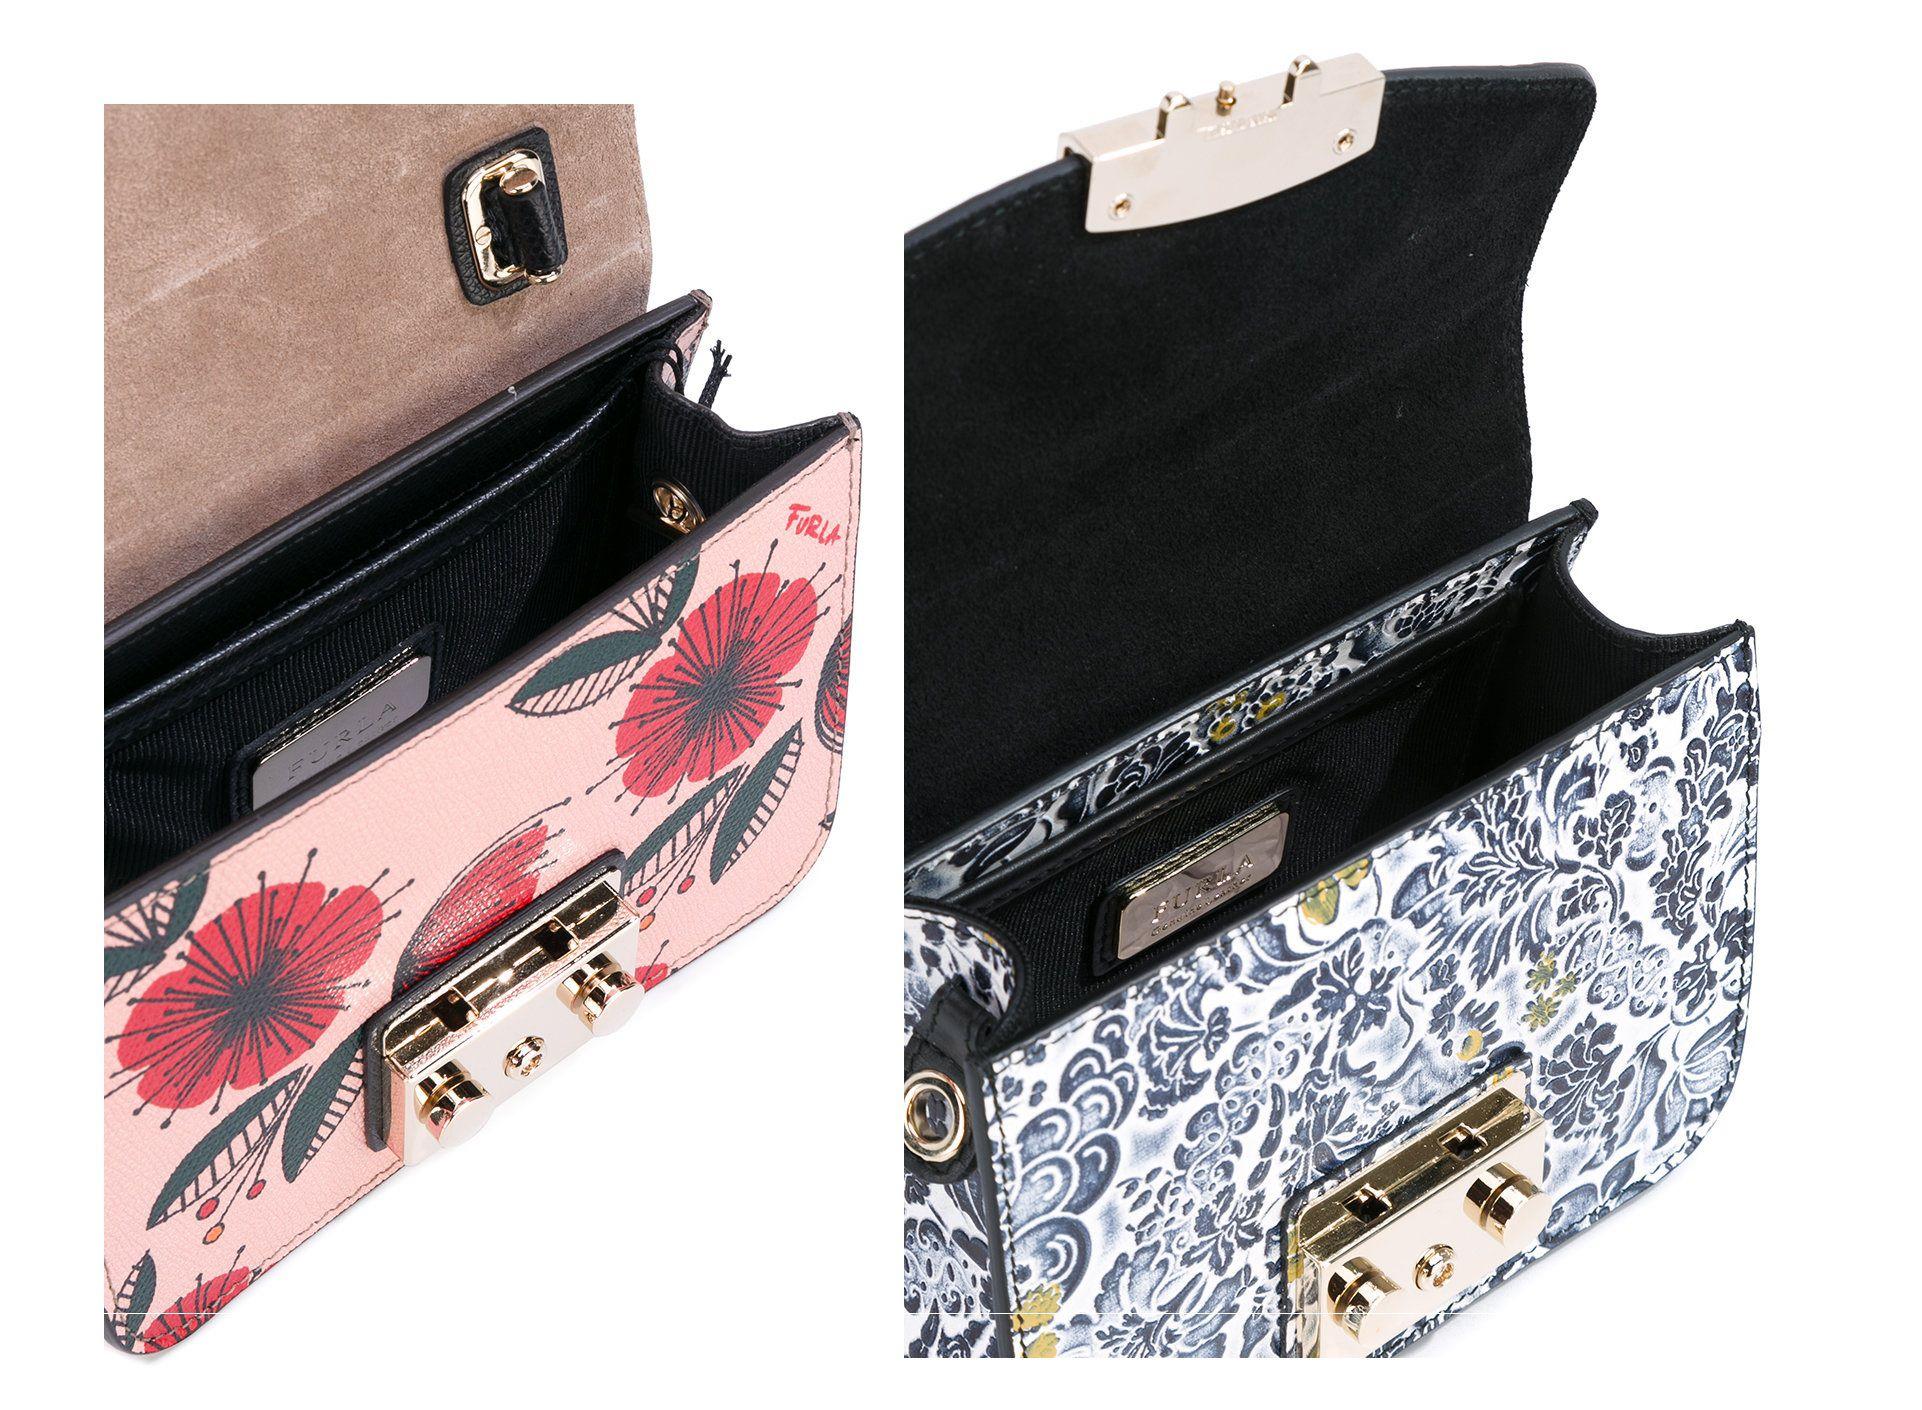 Ovu torbicu definitivno želimo u svojoj kolekciji!